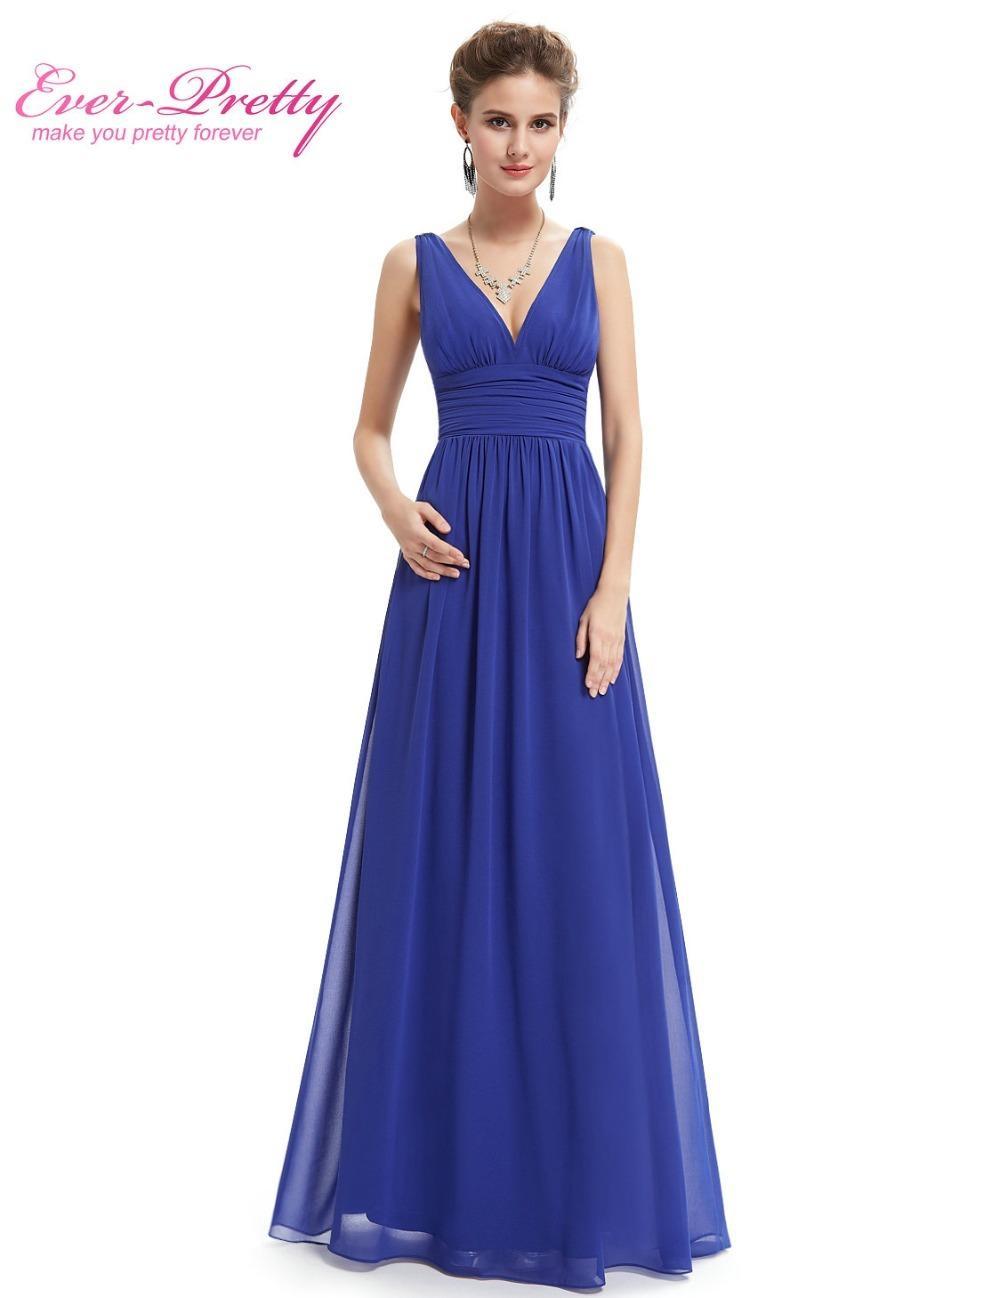 0f9ef73ac246 Acquista Prom Dresses 2019 Ever Pretty EP09016 Chiffon Abiti Occasioni  Speciali Con Scollo A V Elegante Royal Blue Abiti Lunghi Da Promenade Abiti  2018 ...